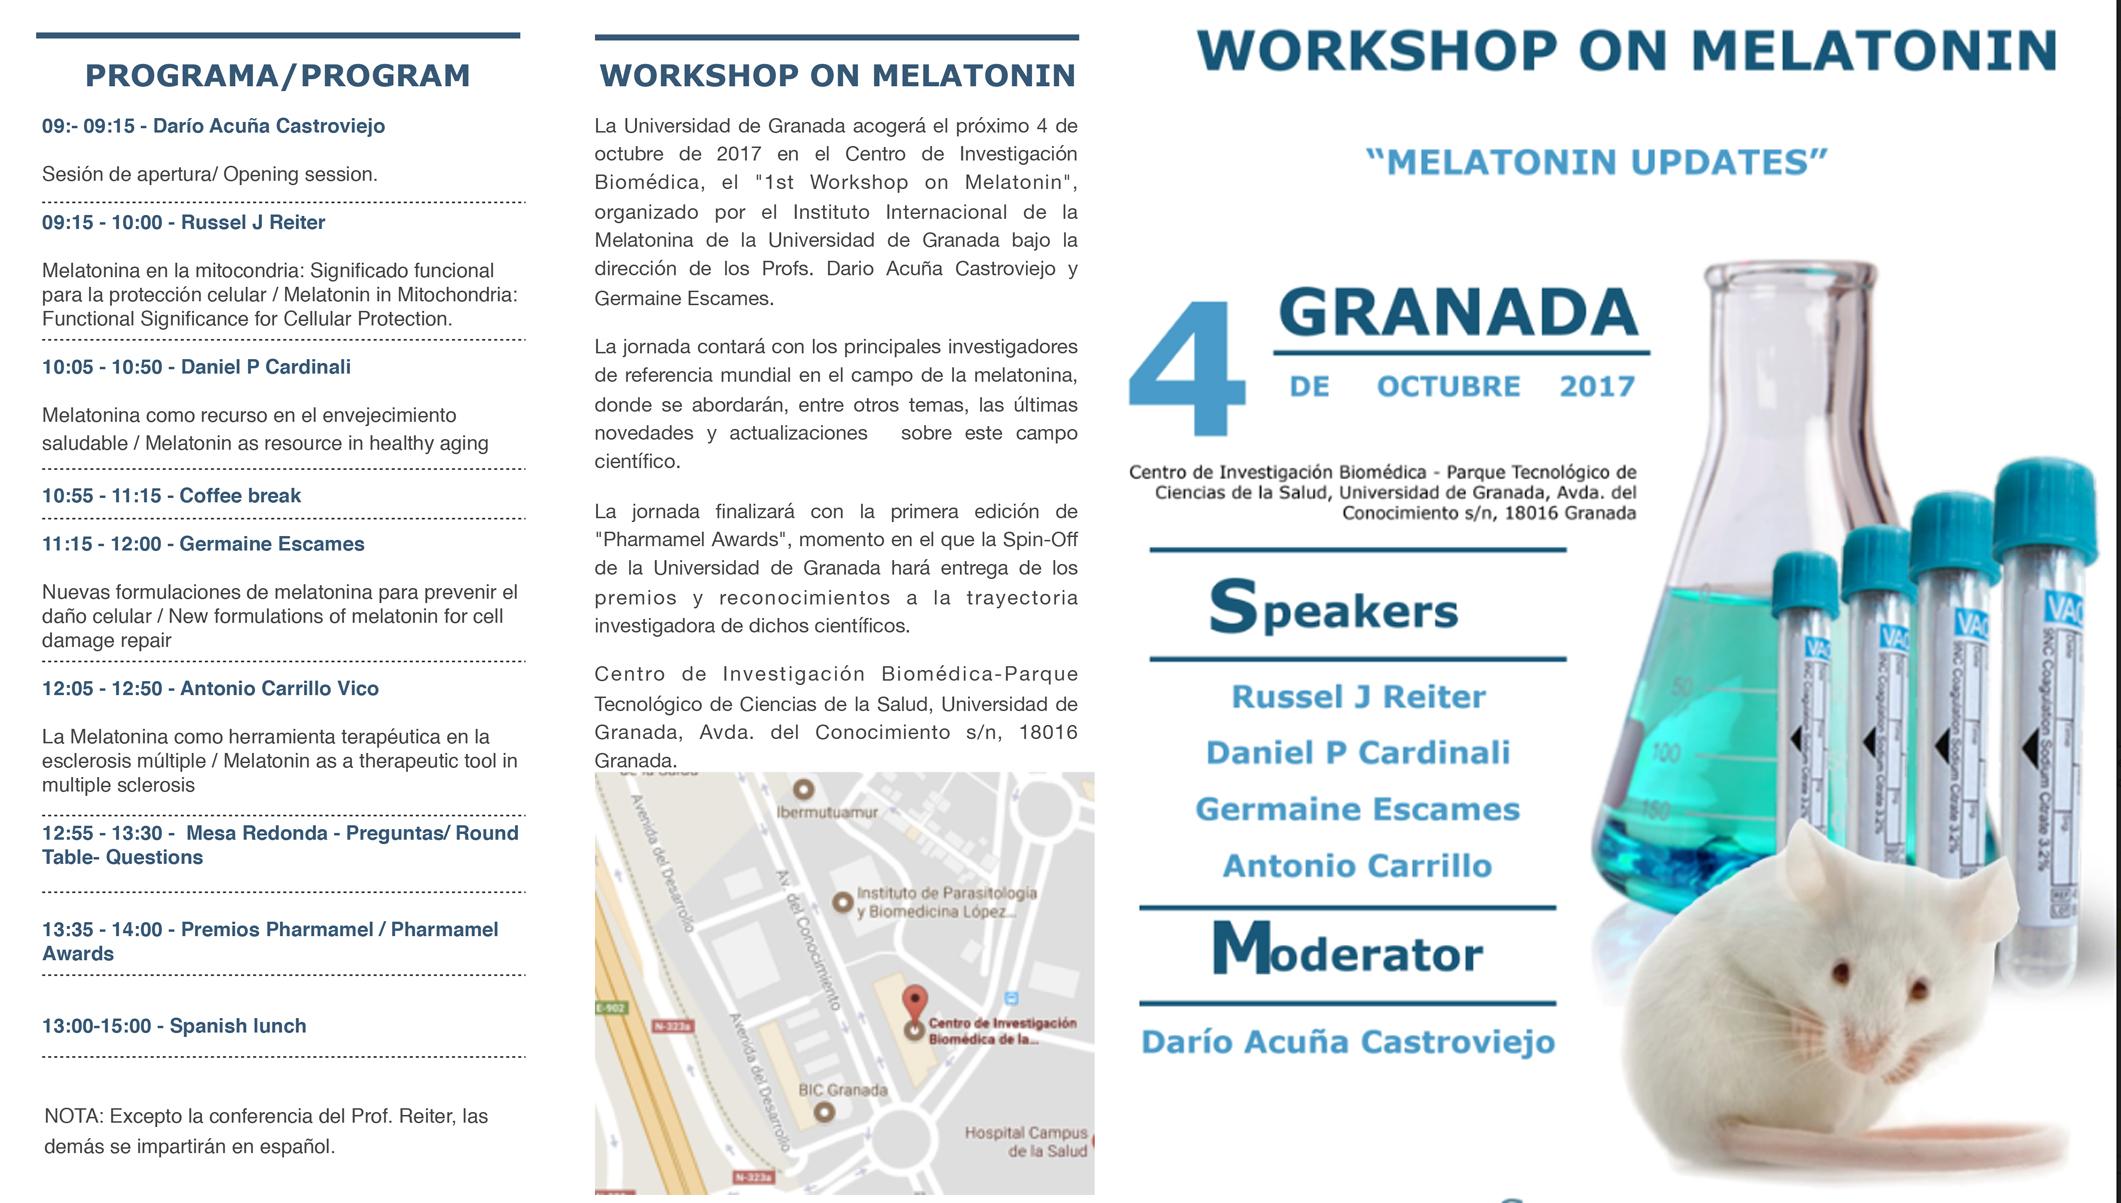 1st Workshop on Melatonin